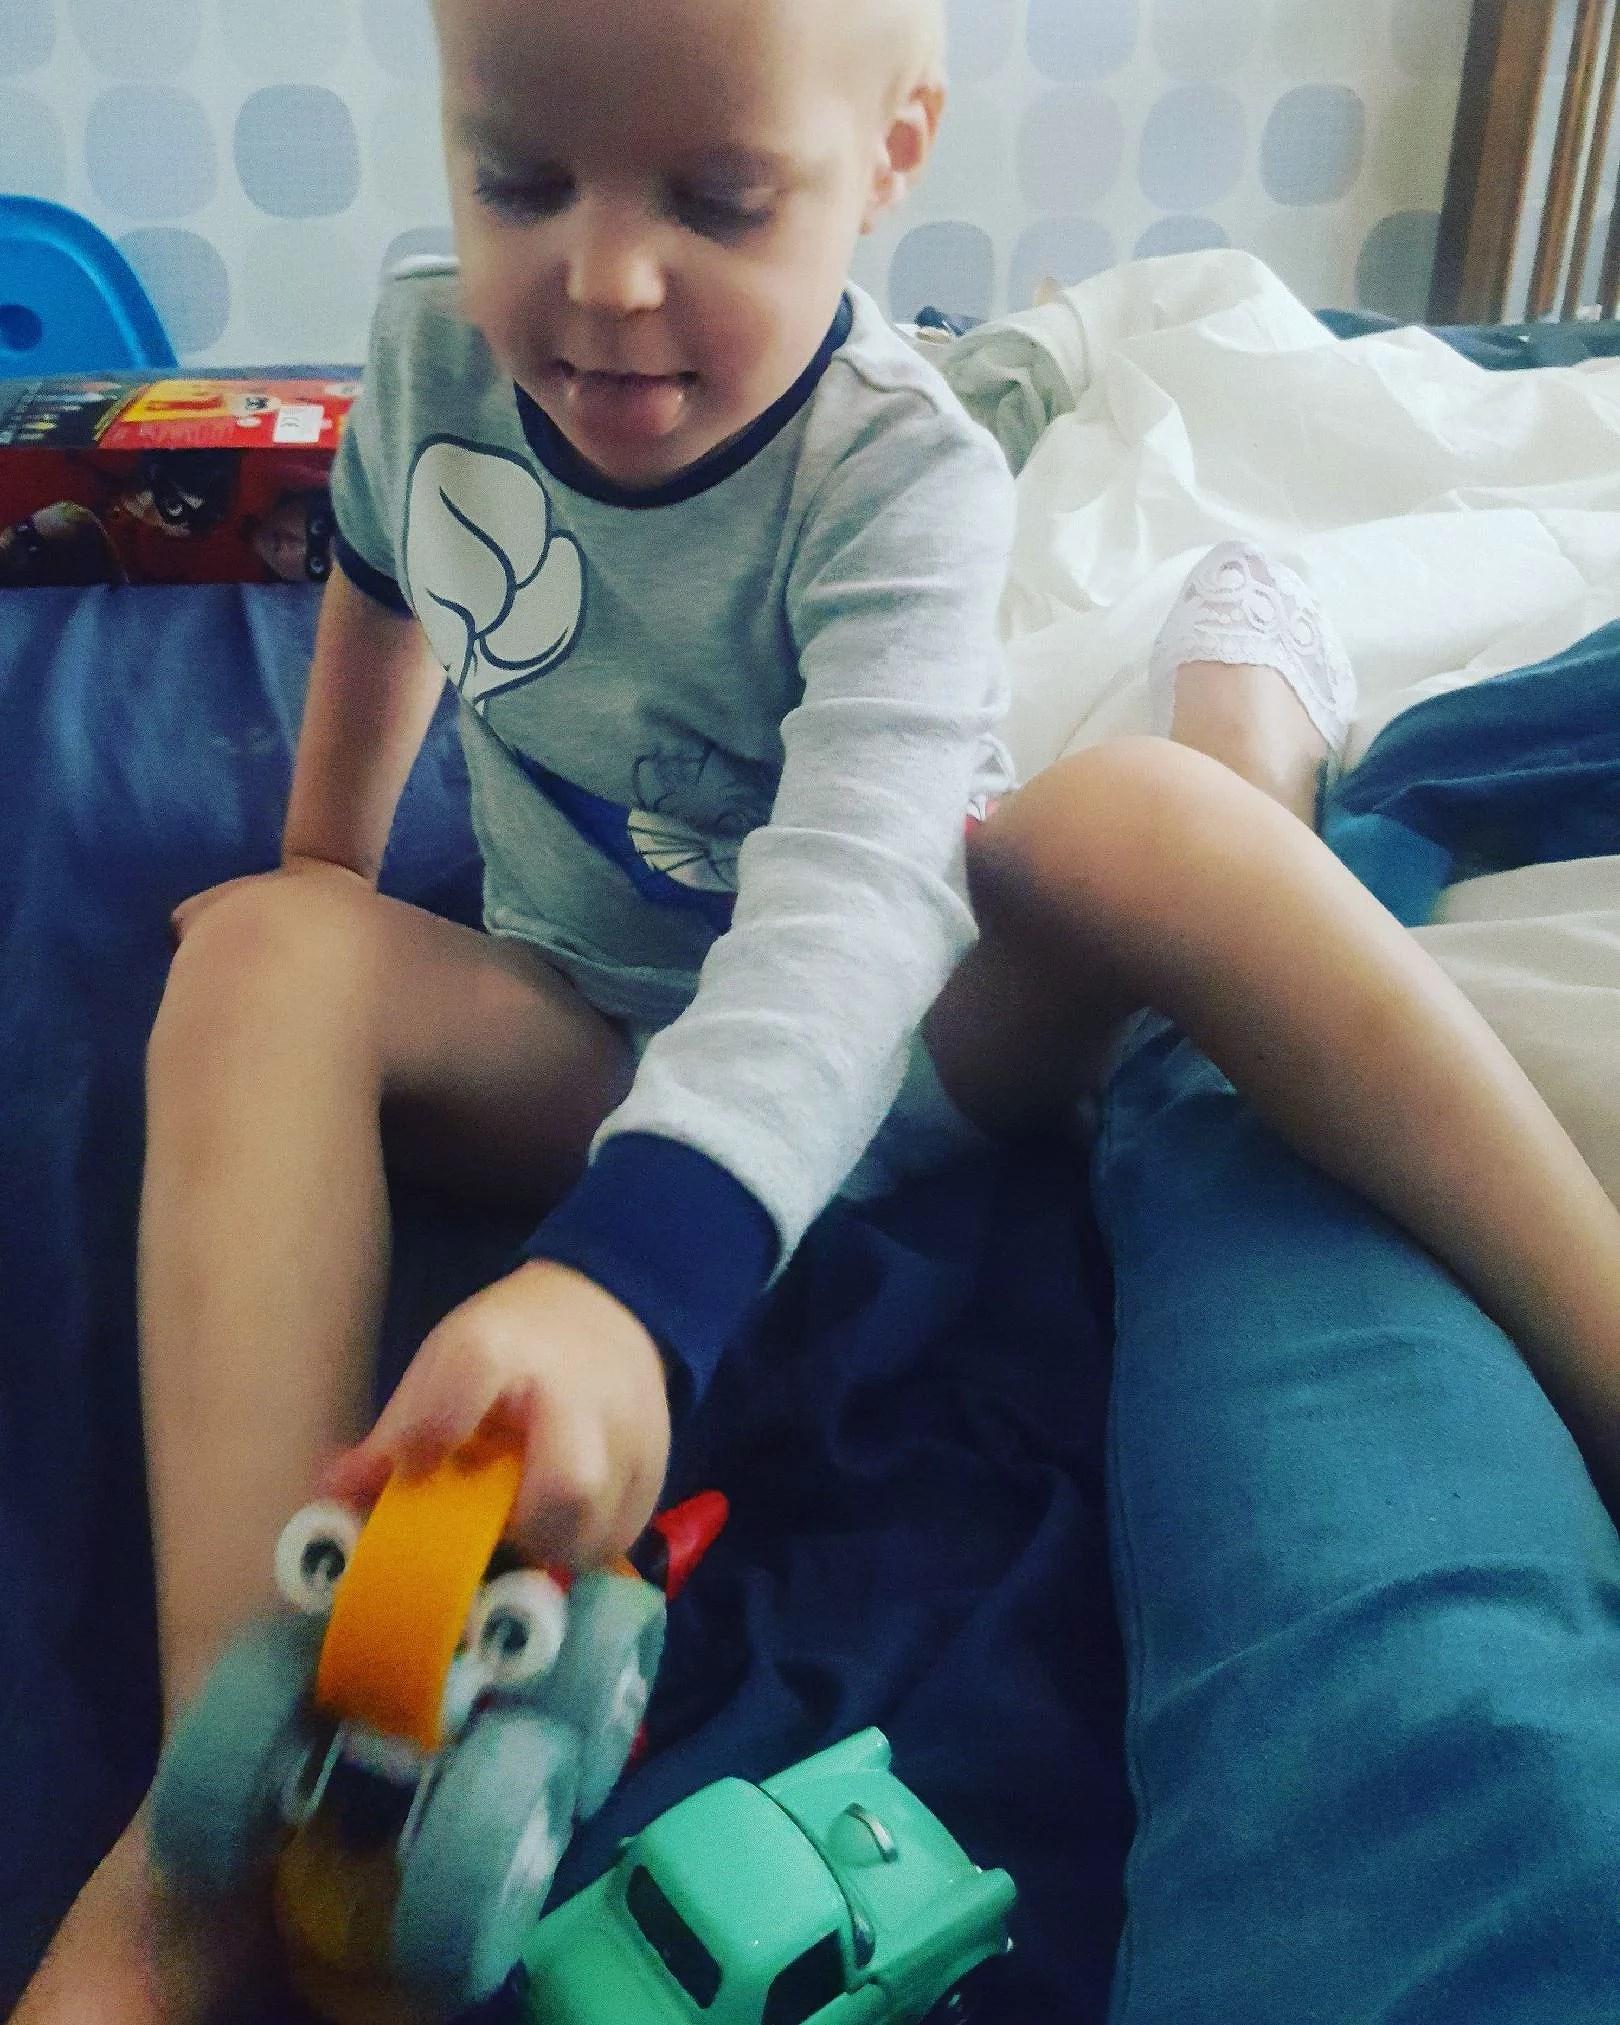 Grattis älskade 3 åring